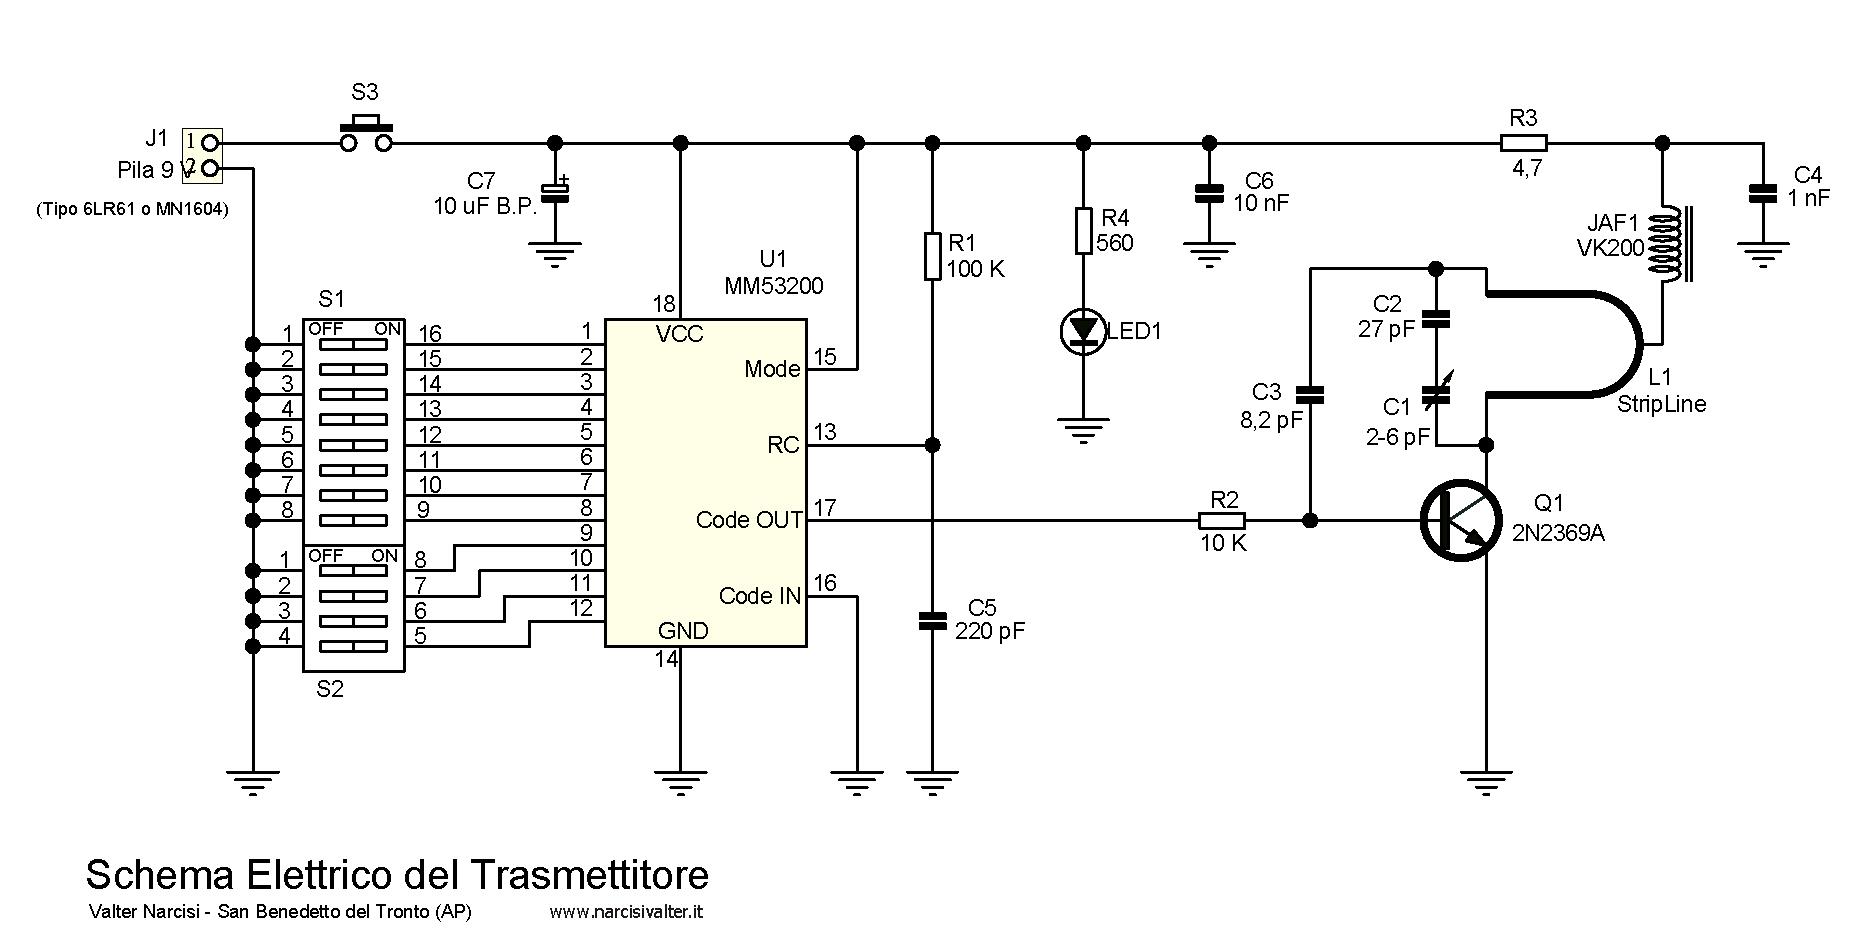 Schema Elettrico Auto : Mm vhf remote control radiocomando codificato con